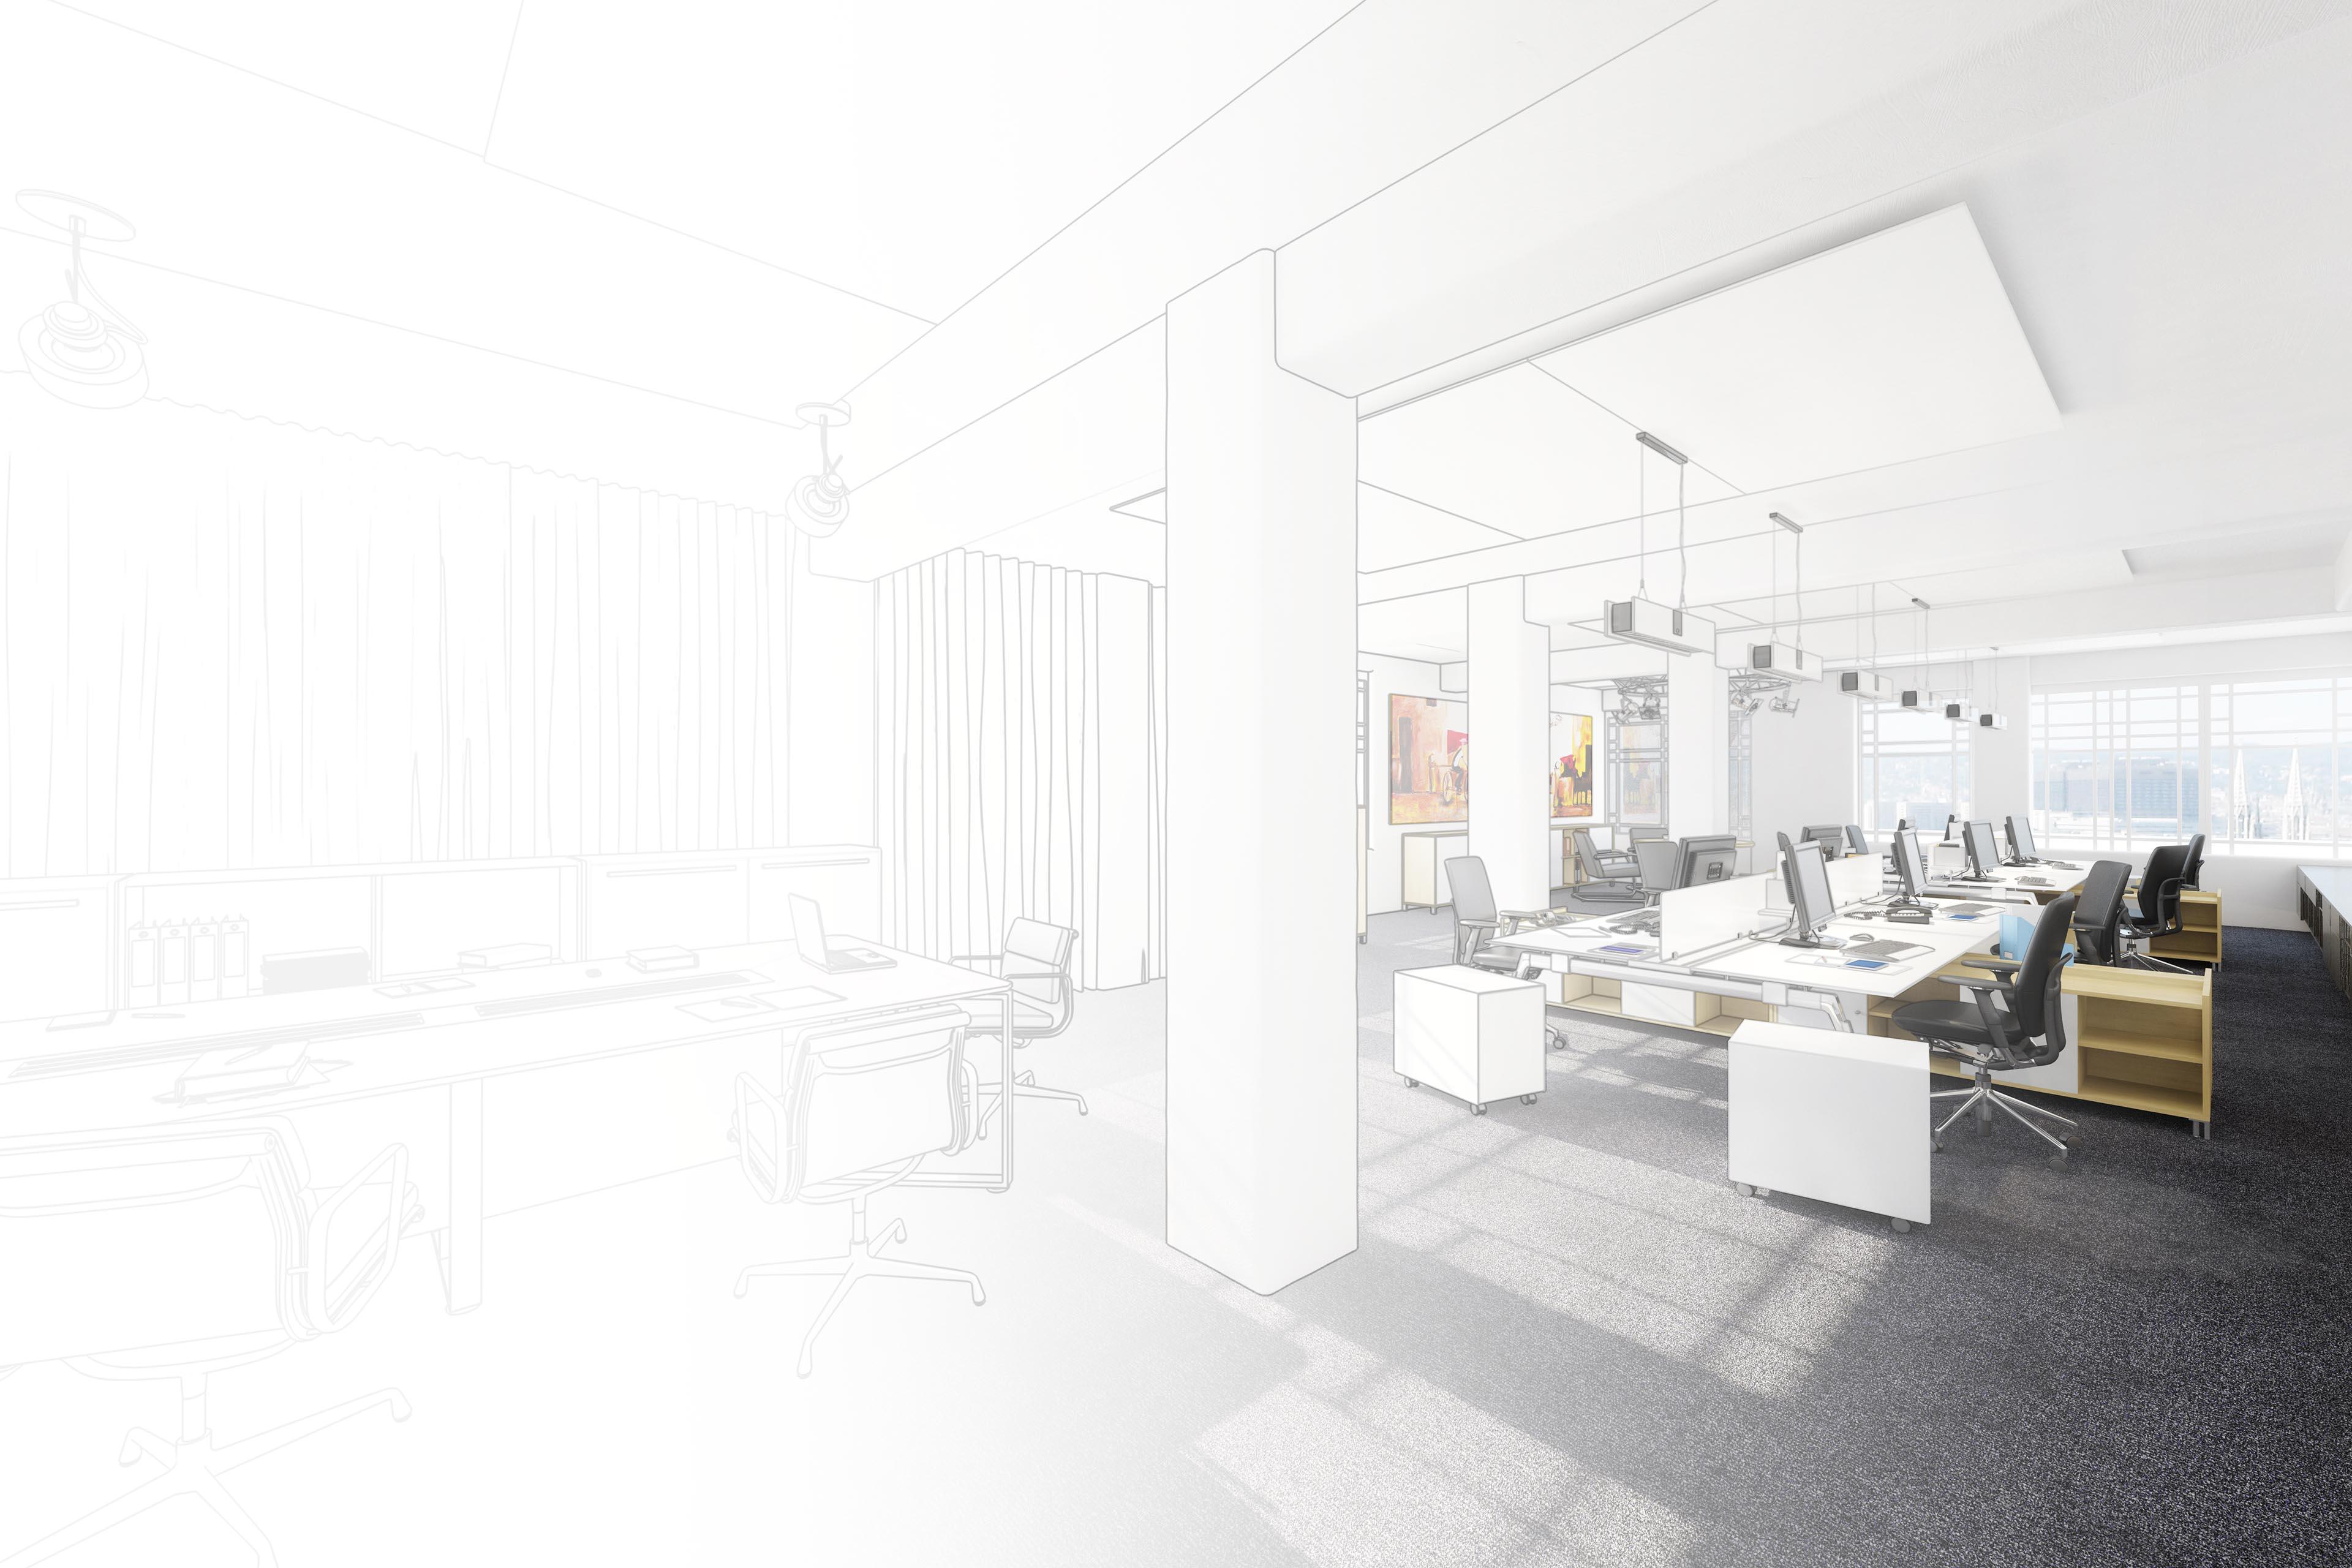 wermke bürokonzepte | Konzeptzeichnung